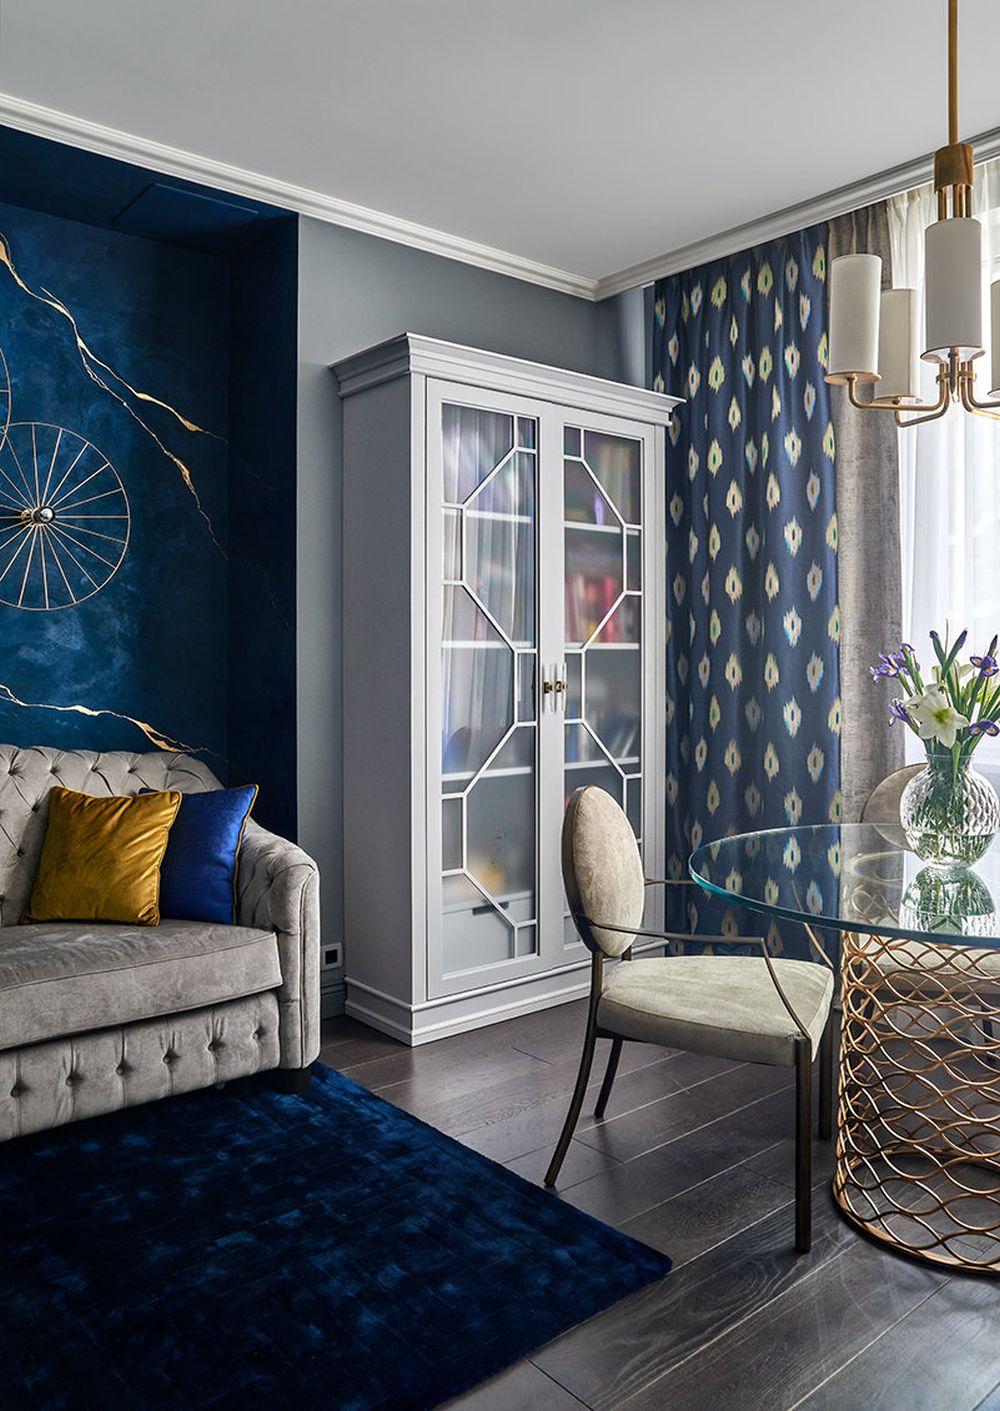 adelaparvu.com despre apartament elegant 90 mp, Moscova, designer Zhenya Zhdanova, Foto Maria Irinarkhova si Stephan Julliard (22)